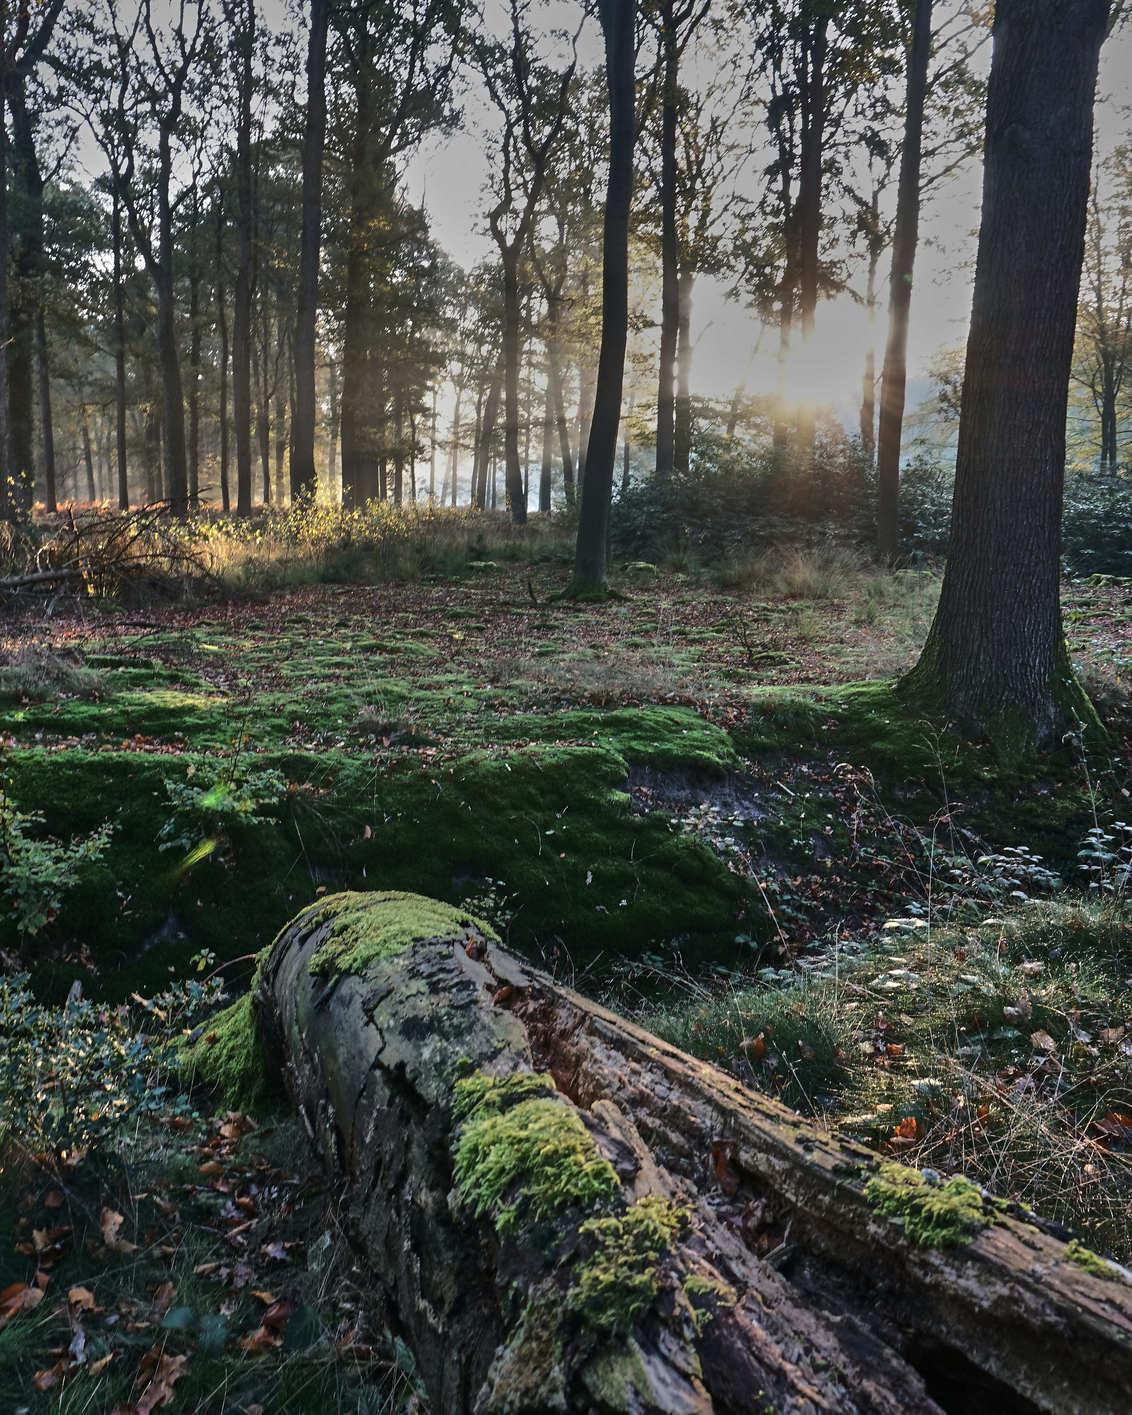 Velhorst morning 2 - - - foto door GerardSchouten op 01-11-2019 - deze foto bevat: zon, boom, natuur, herfst, bos, tegenlicht